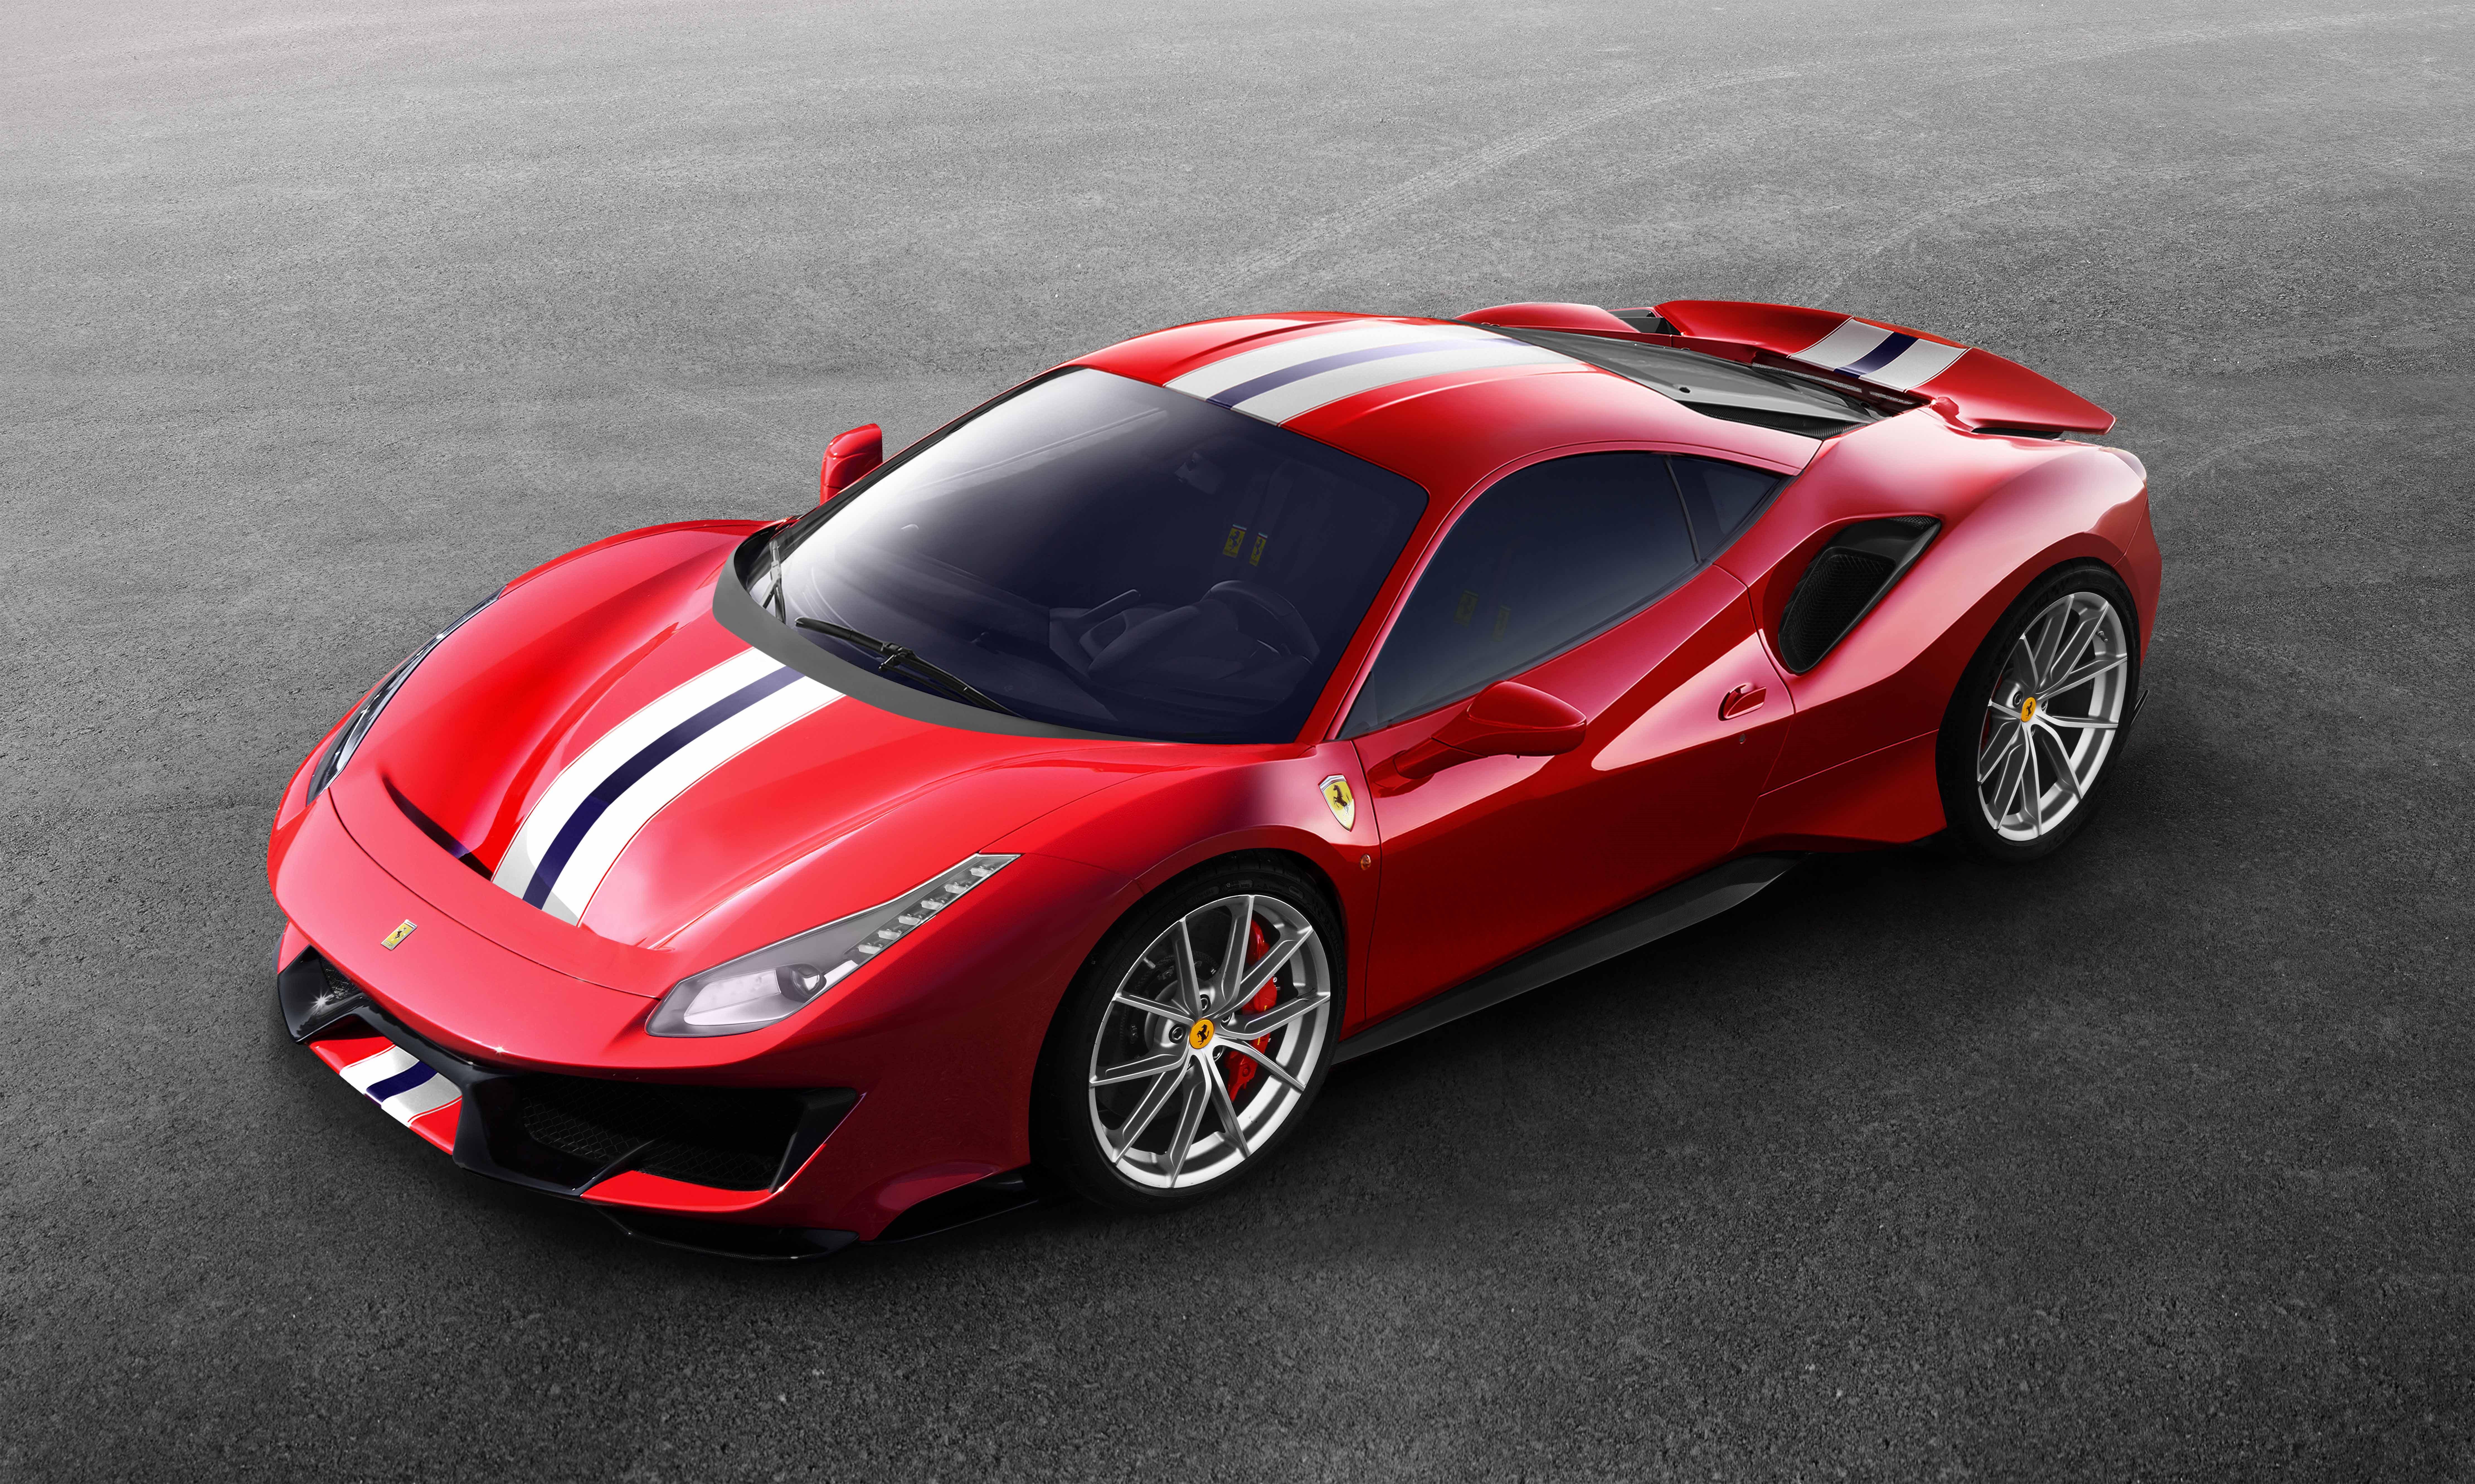 最新跳ね馬の快音轟く フェラーリ488ピスタ公式映像